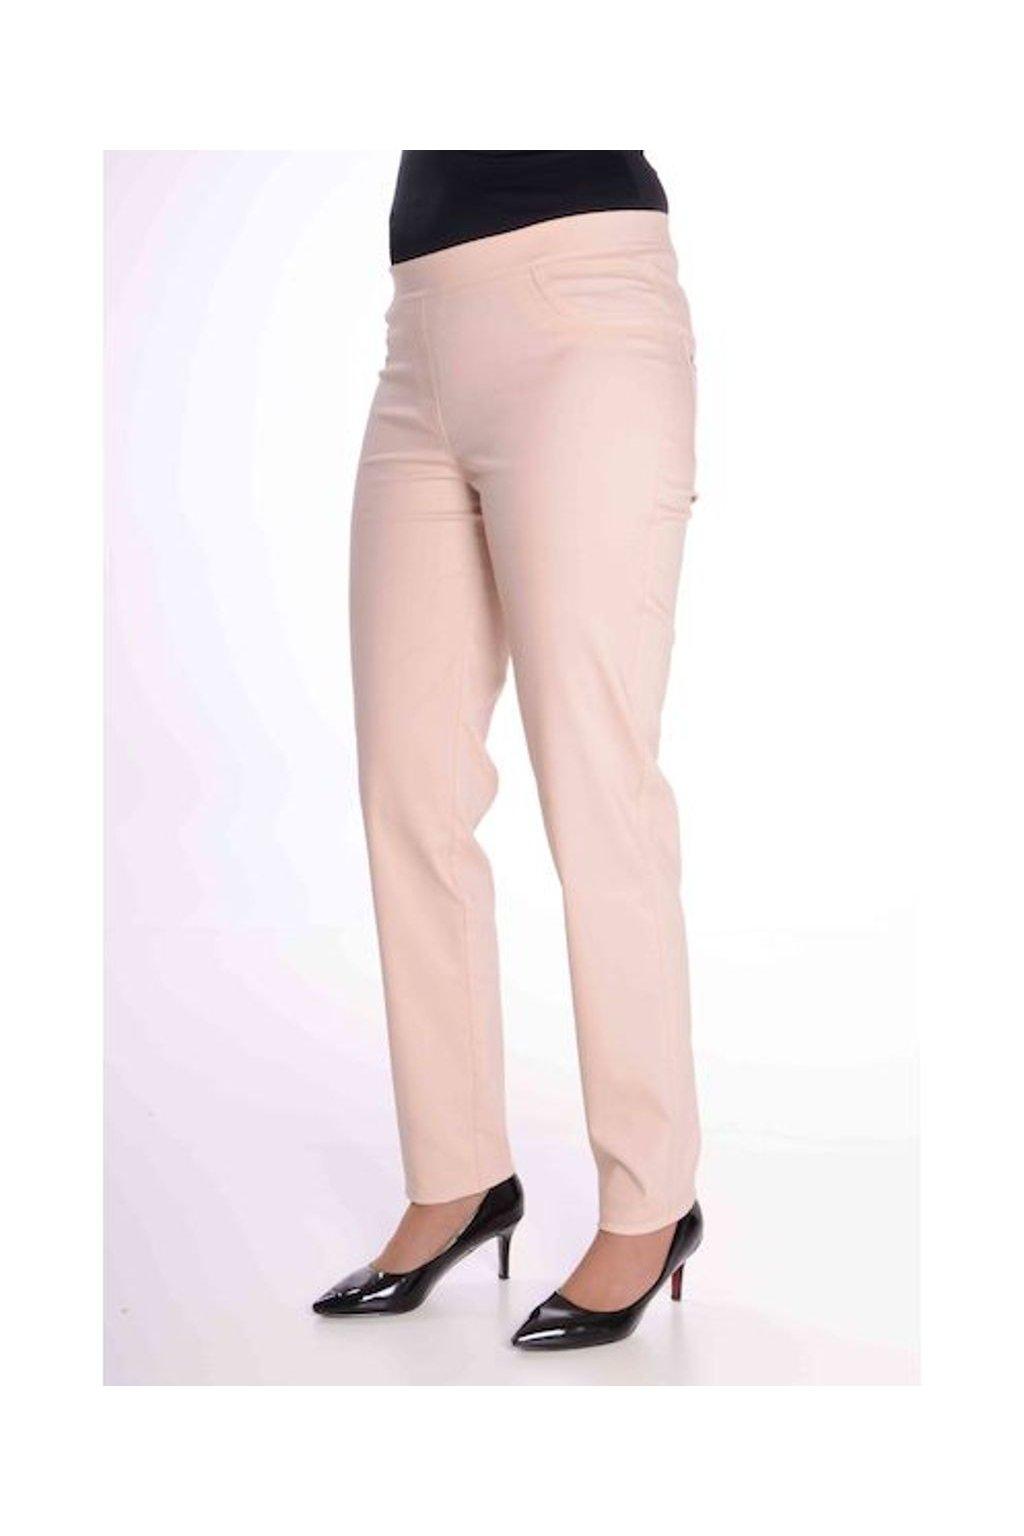 68T Kalhoty Jenny (Velikost 36, Barva Pudrová)